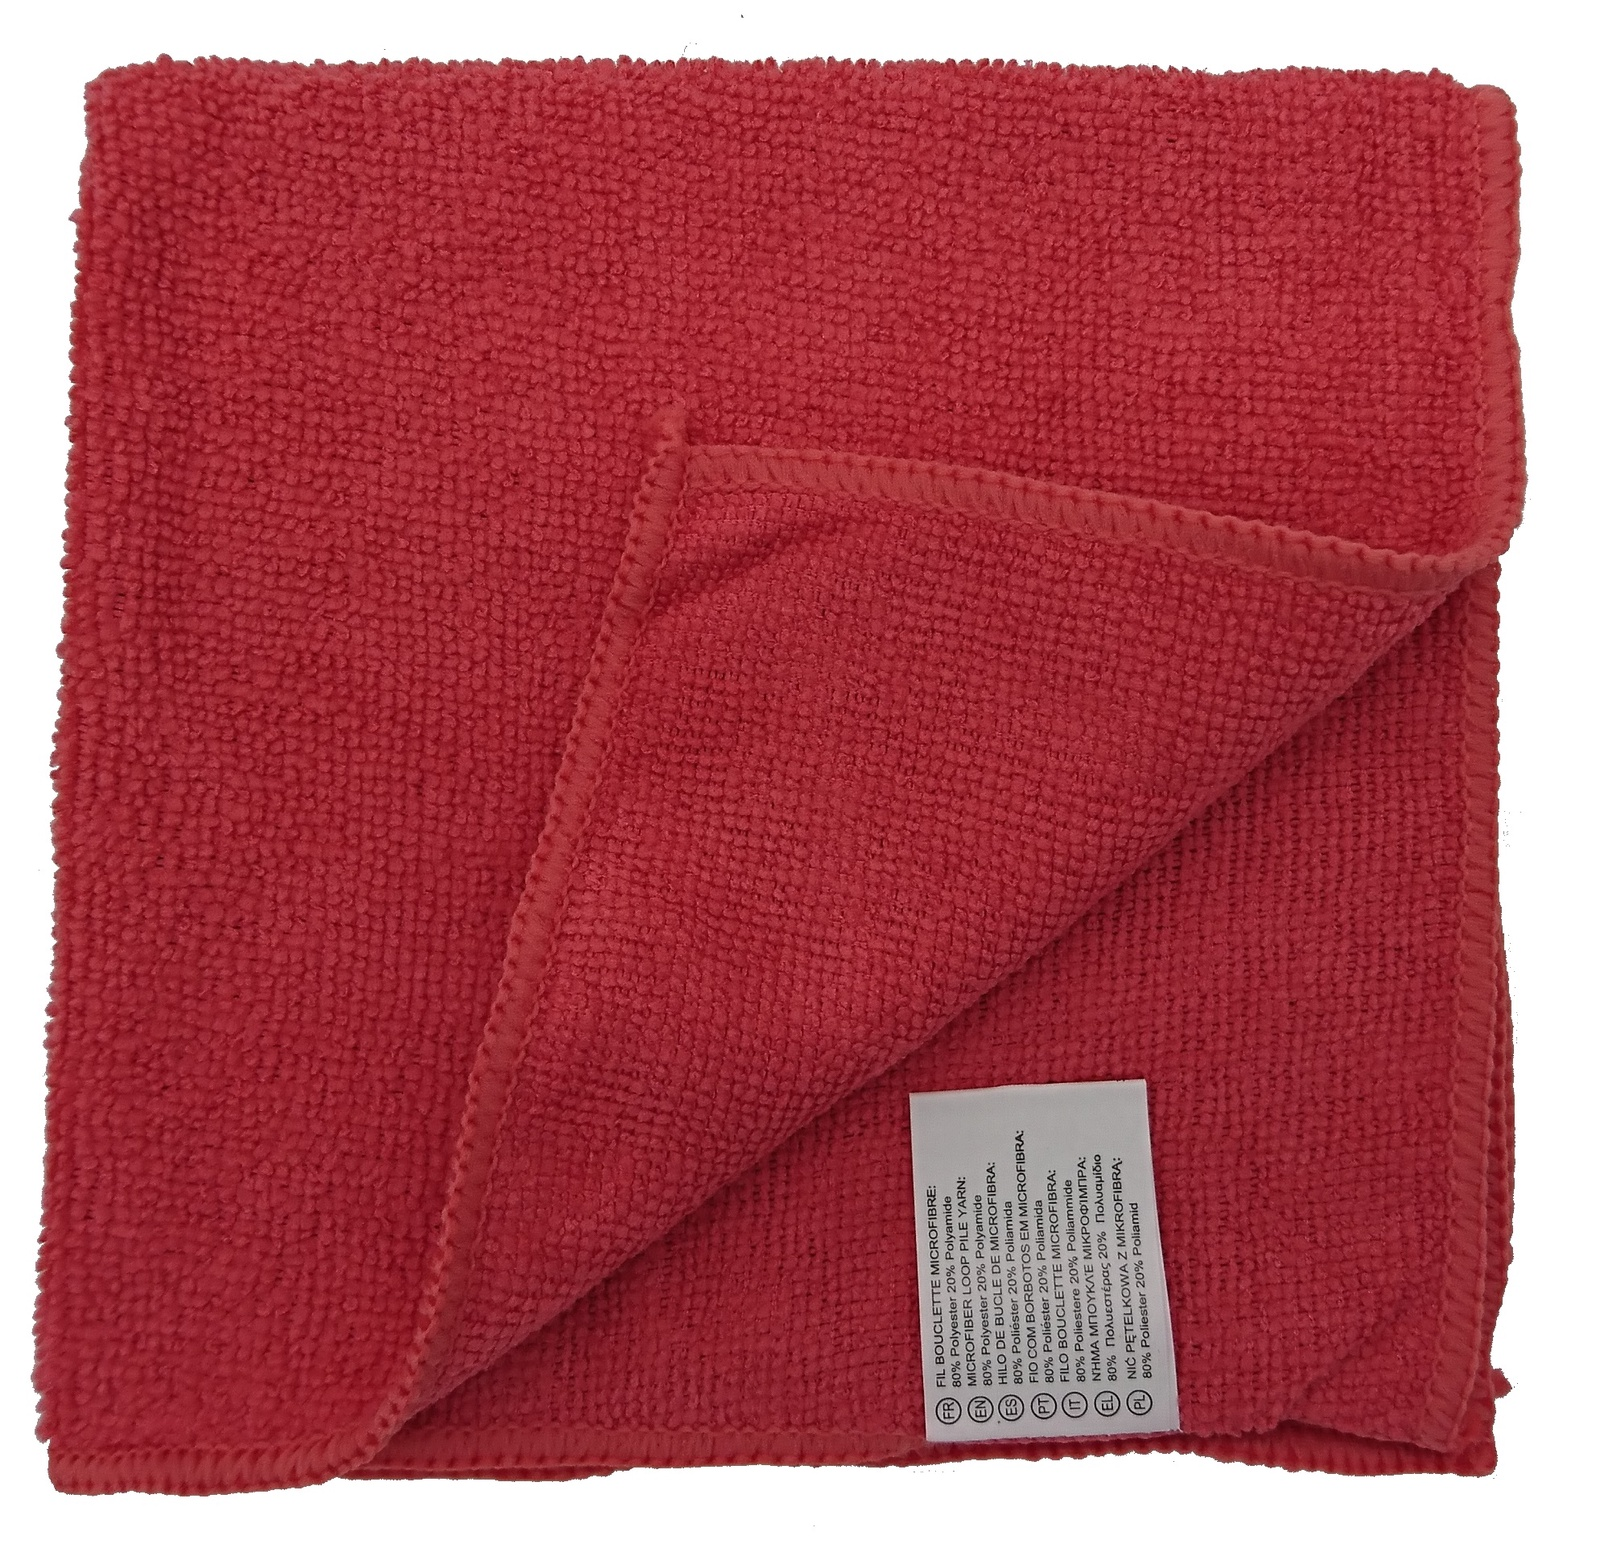 все цены на Салфетка универсальная микрофибра 35х35 см красная, красный онлайн